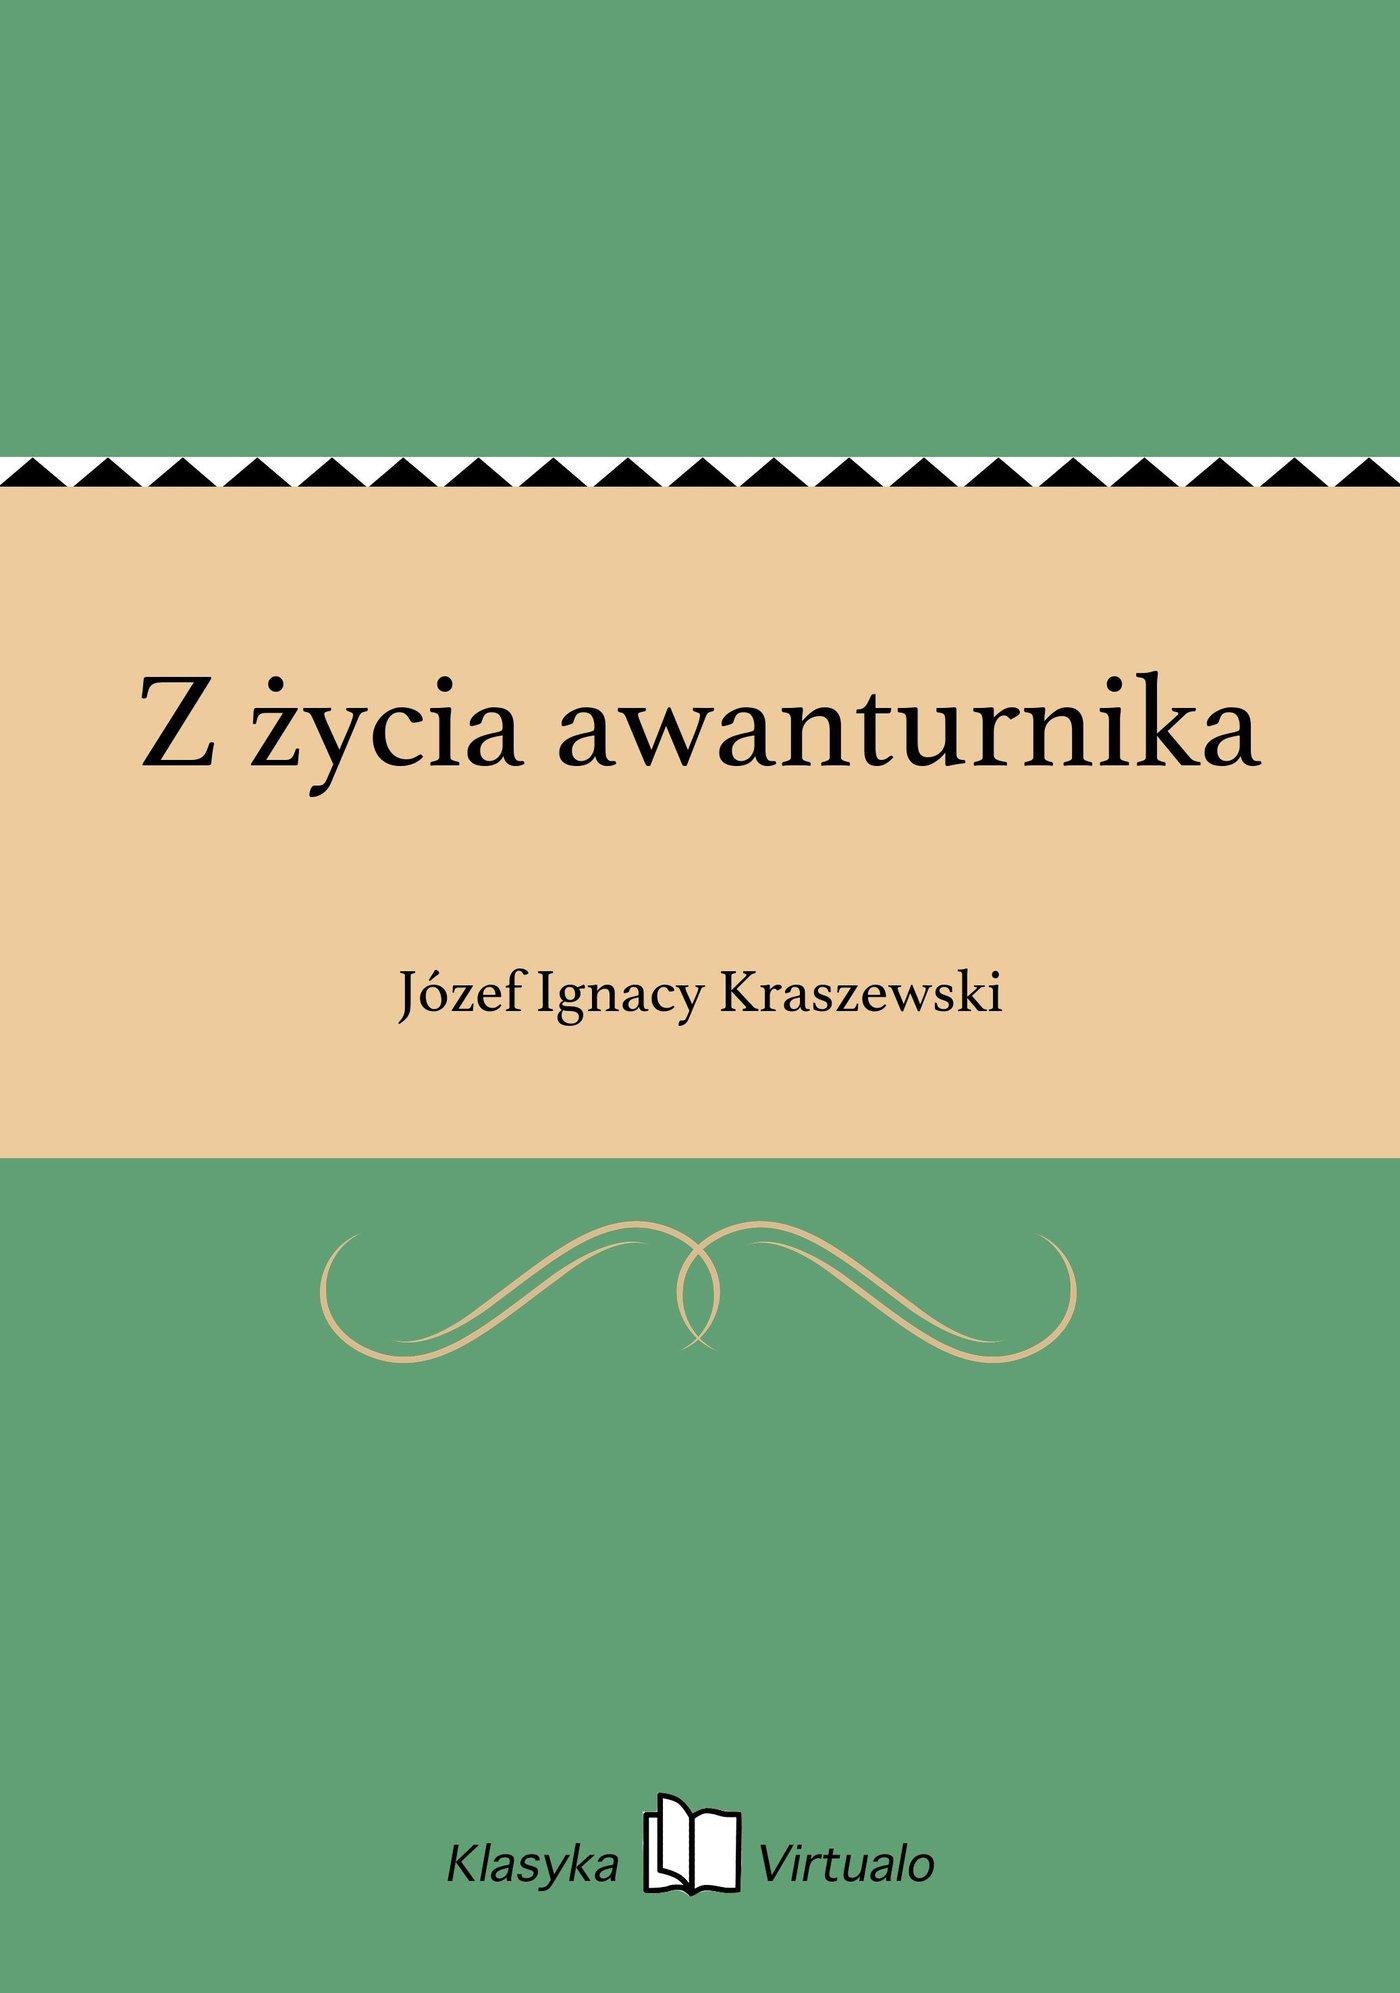 Z życia awanturnika - Ebook (Książka na Kindle) do pobrania w formacie MOBI